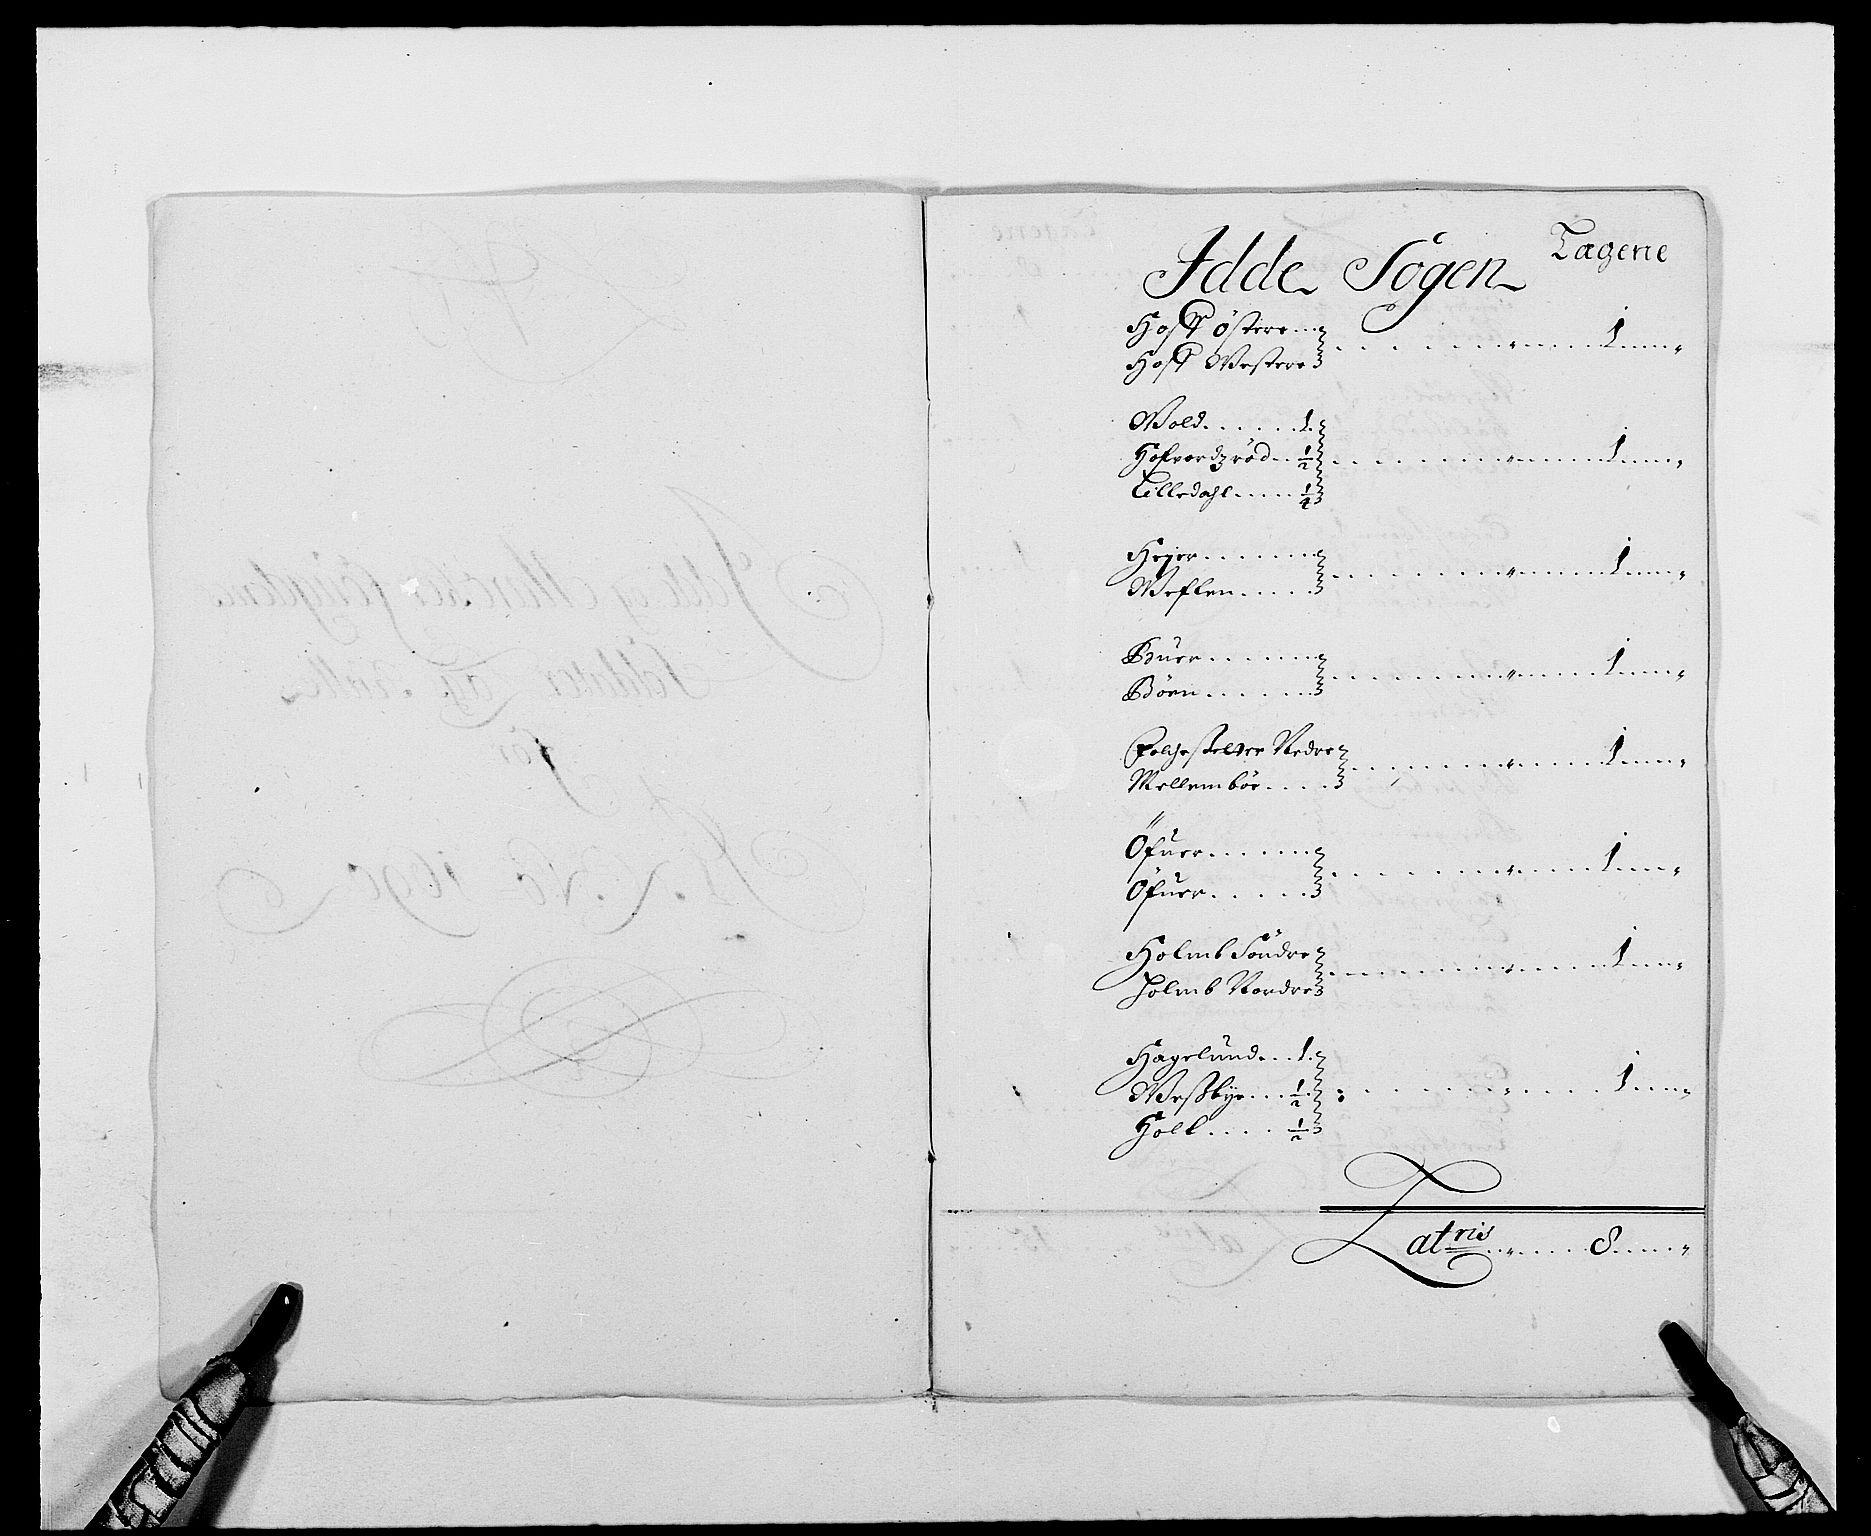 RA, Rentekammeret inntil 1814, Reviderte regnskaper, Fogderegnskap, R01/L0010: Fogderegnskap Idd og Marker, 1690-1691, s. 248